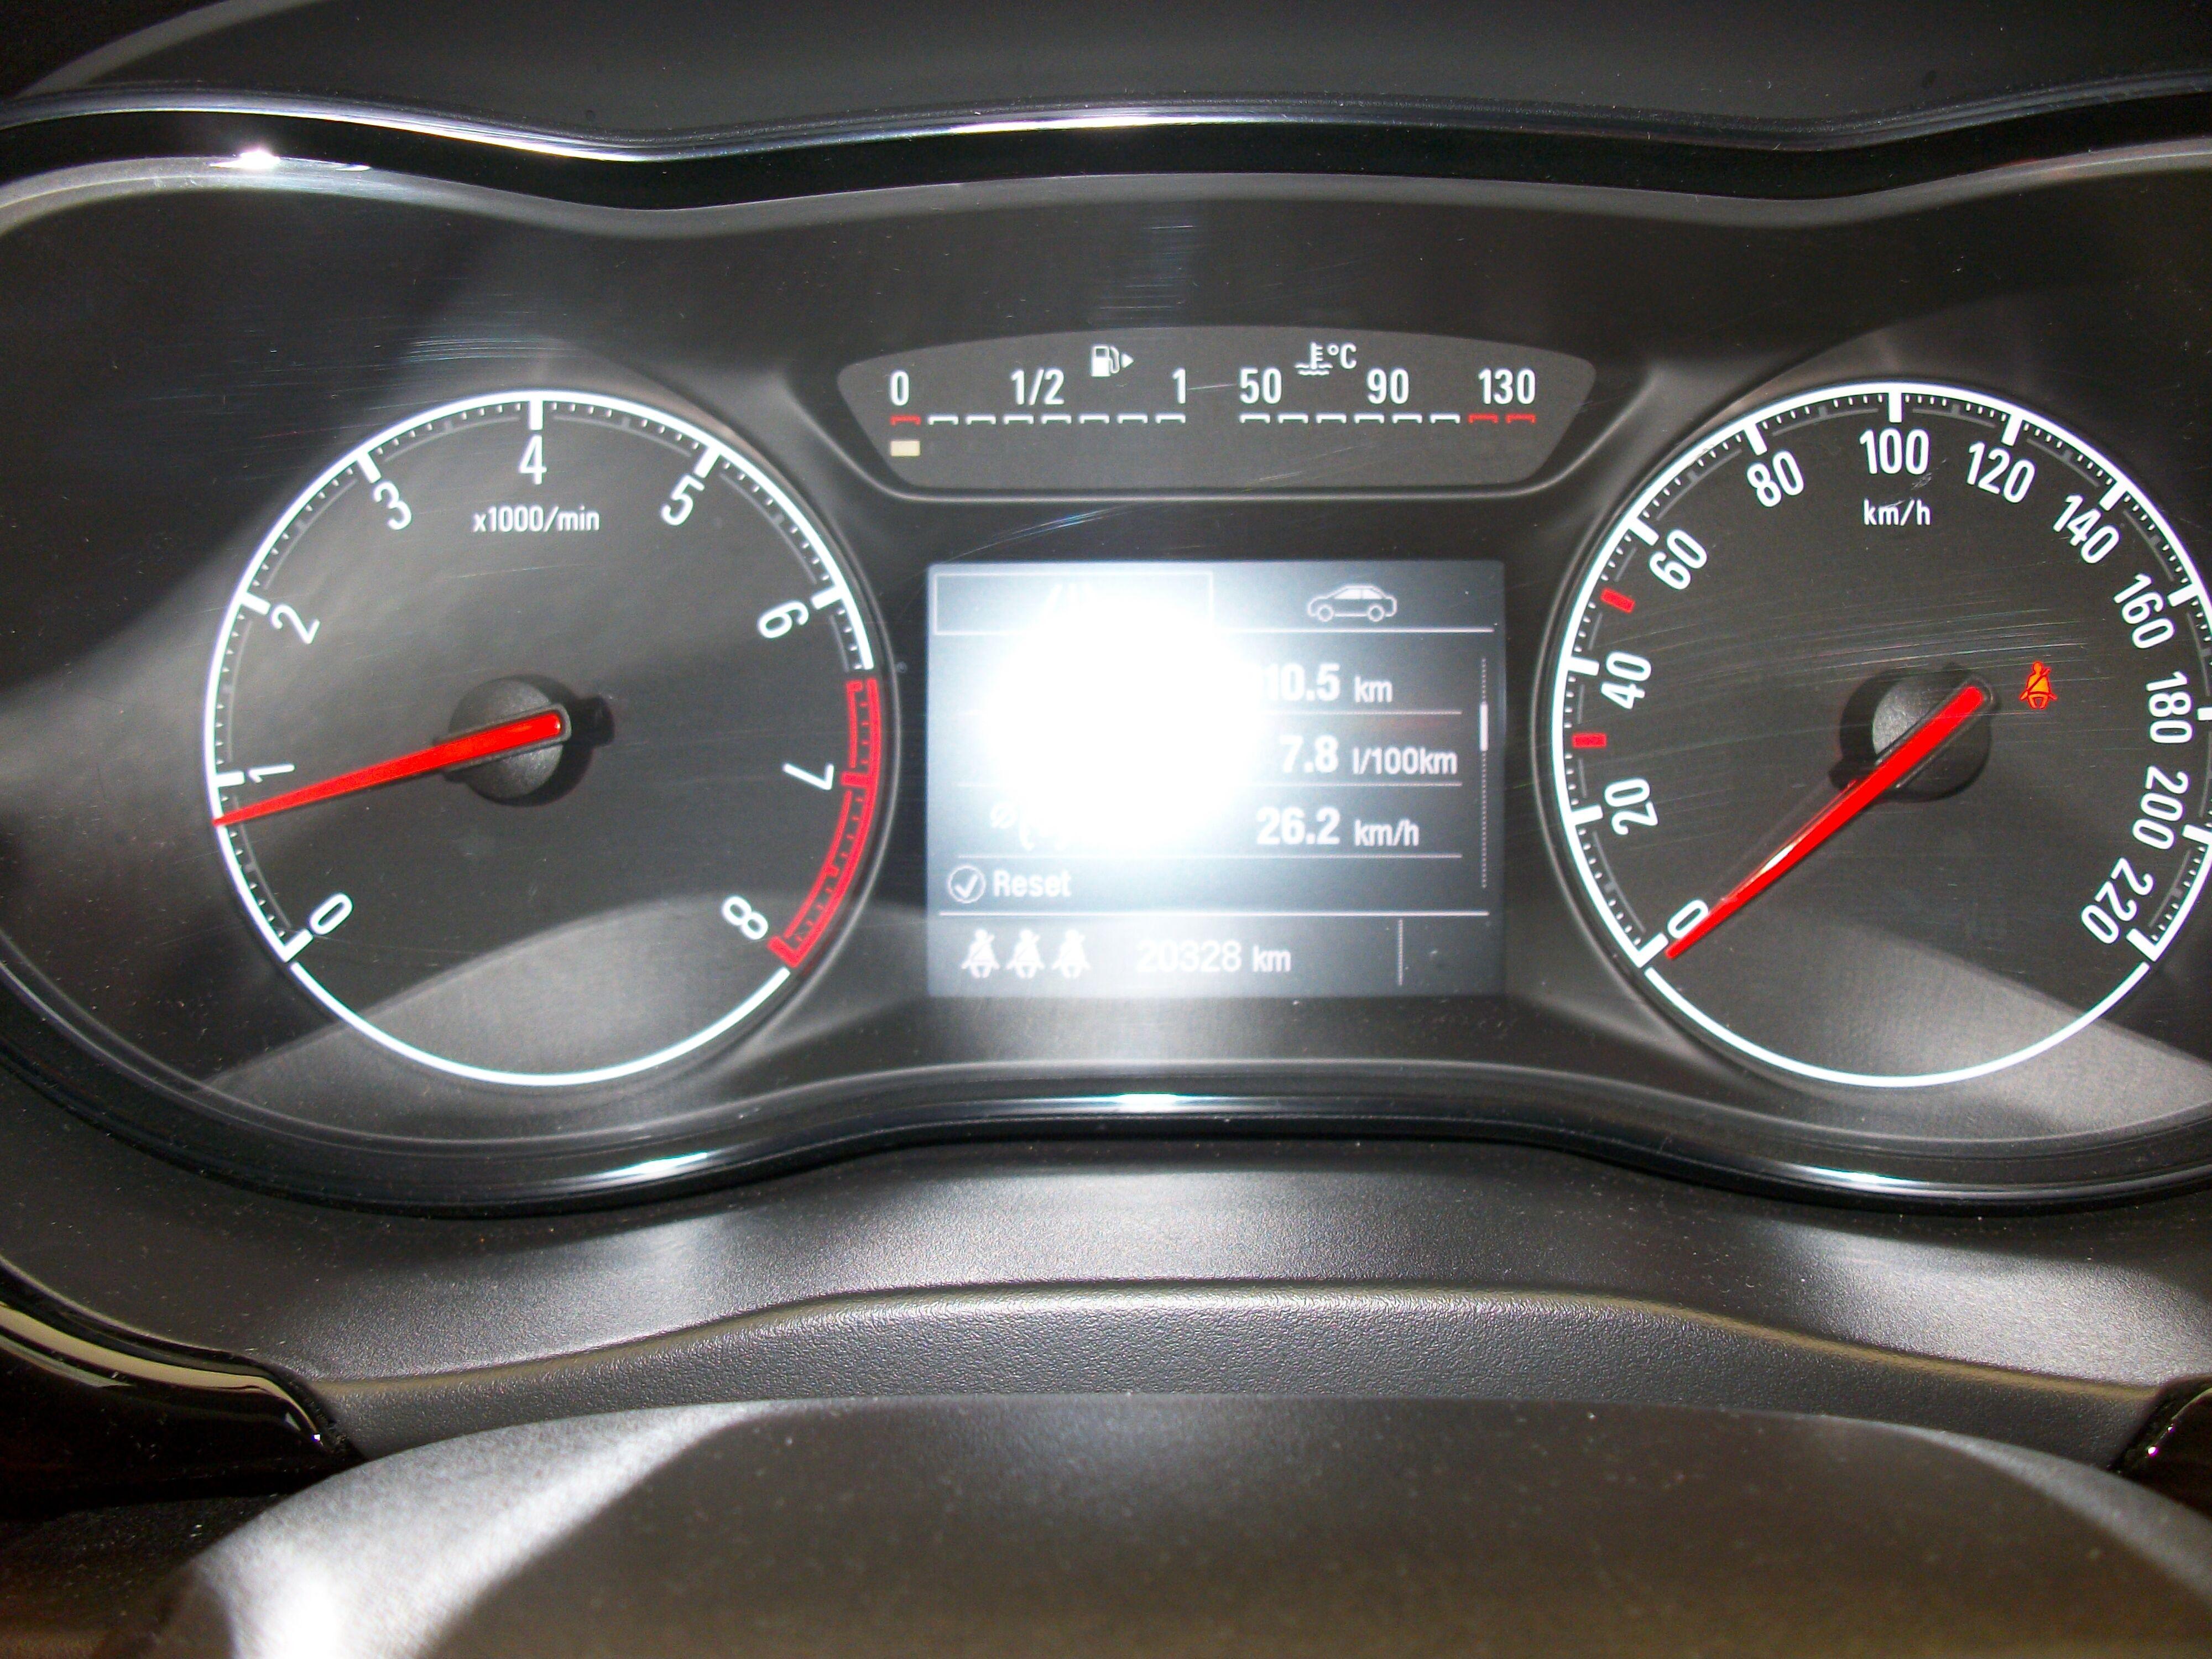 Opel Corsa CORSA E 1.2 Benz. - 5 deur 9/15